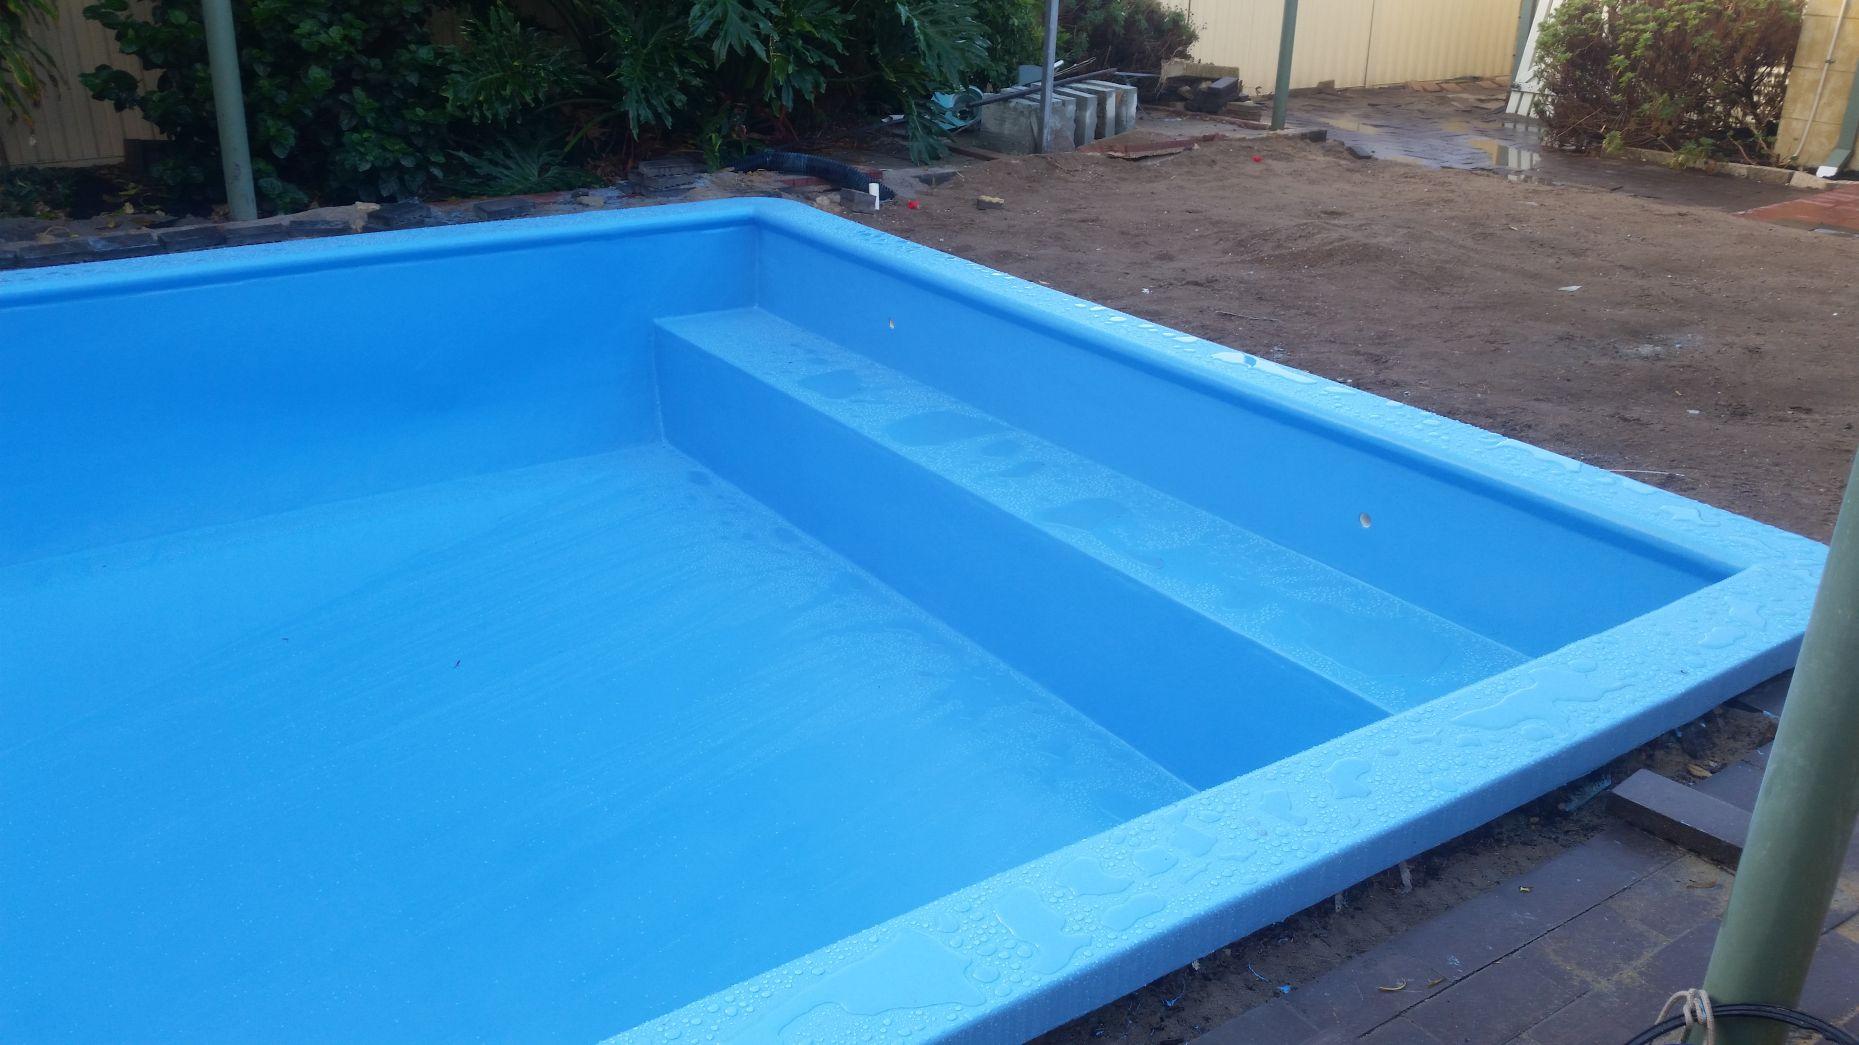 fibreglass-pool-renovation-and-modification